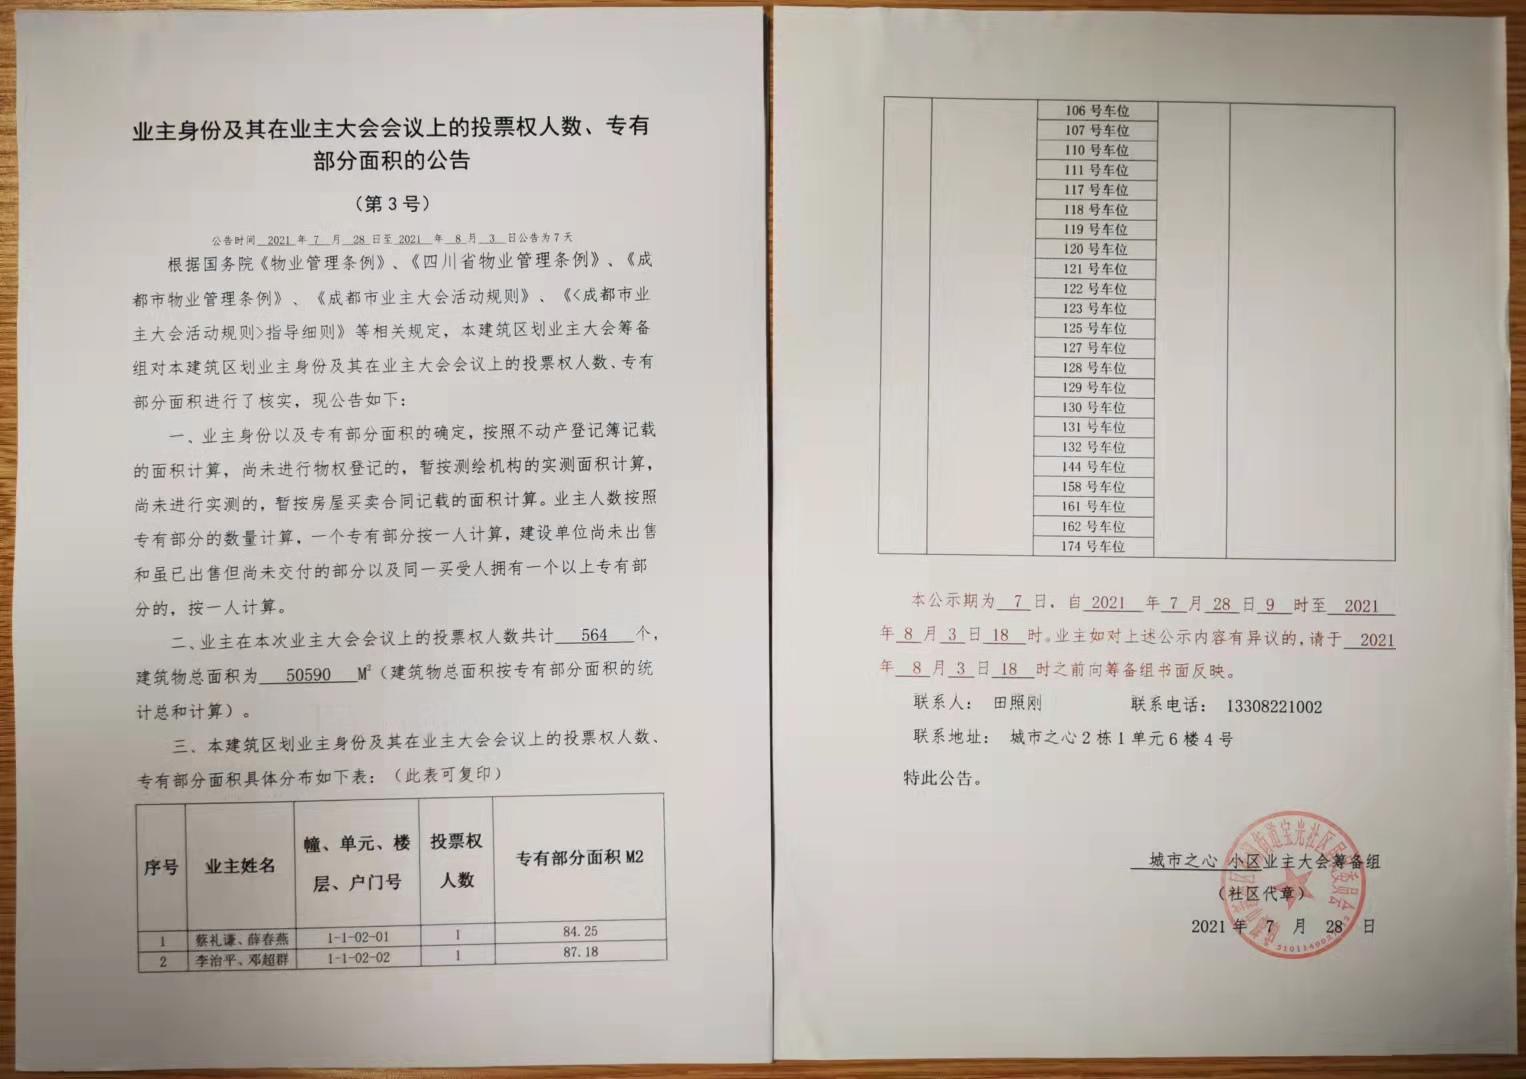 【业委会】2021.7.28宝光社区公告(第3号)公示7天 新都区业主委员会-第3张